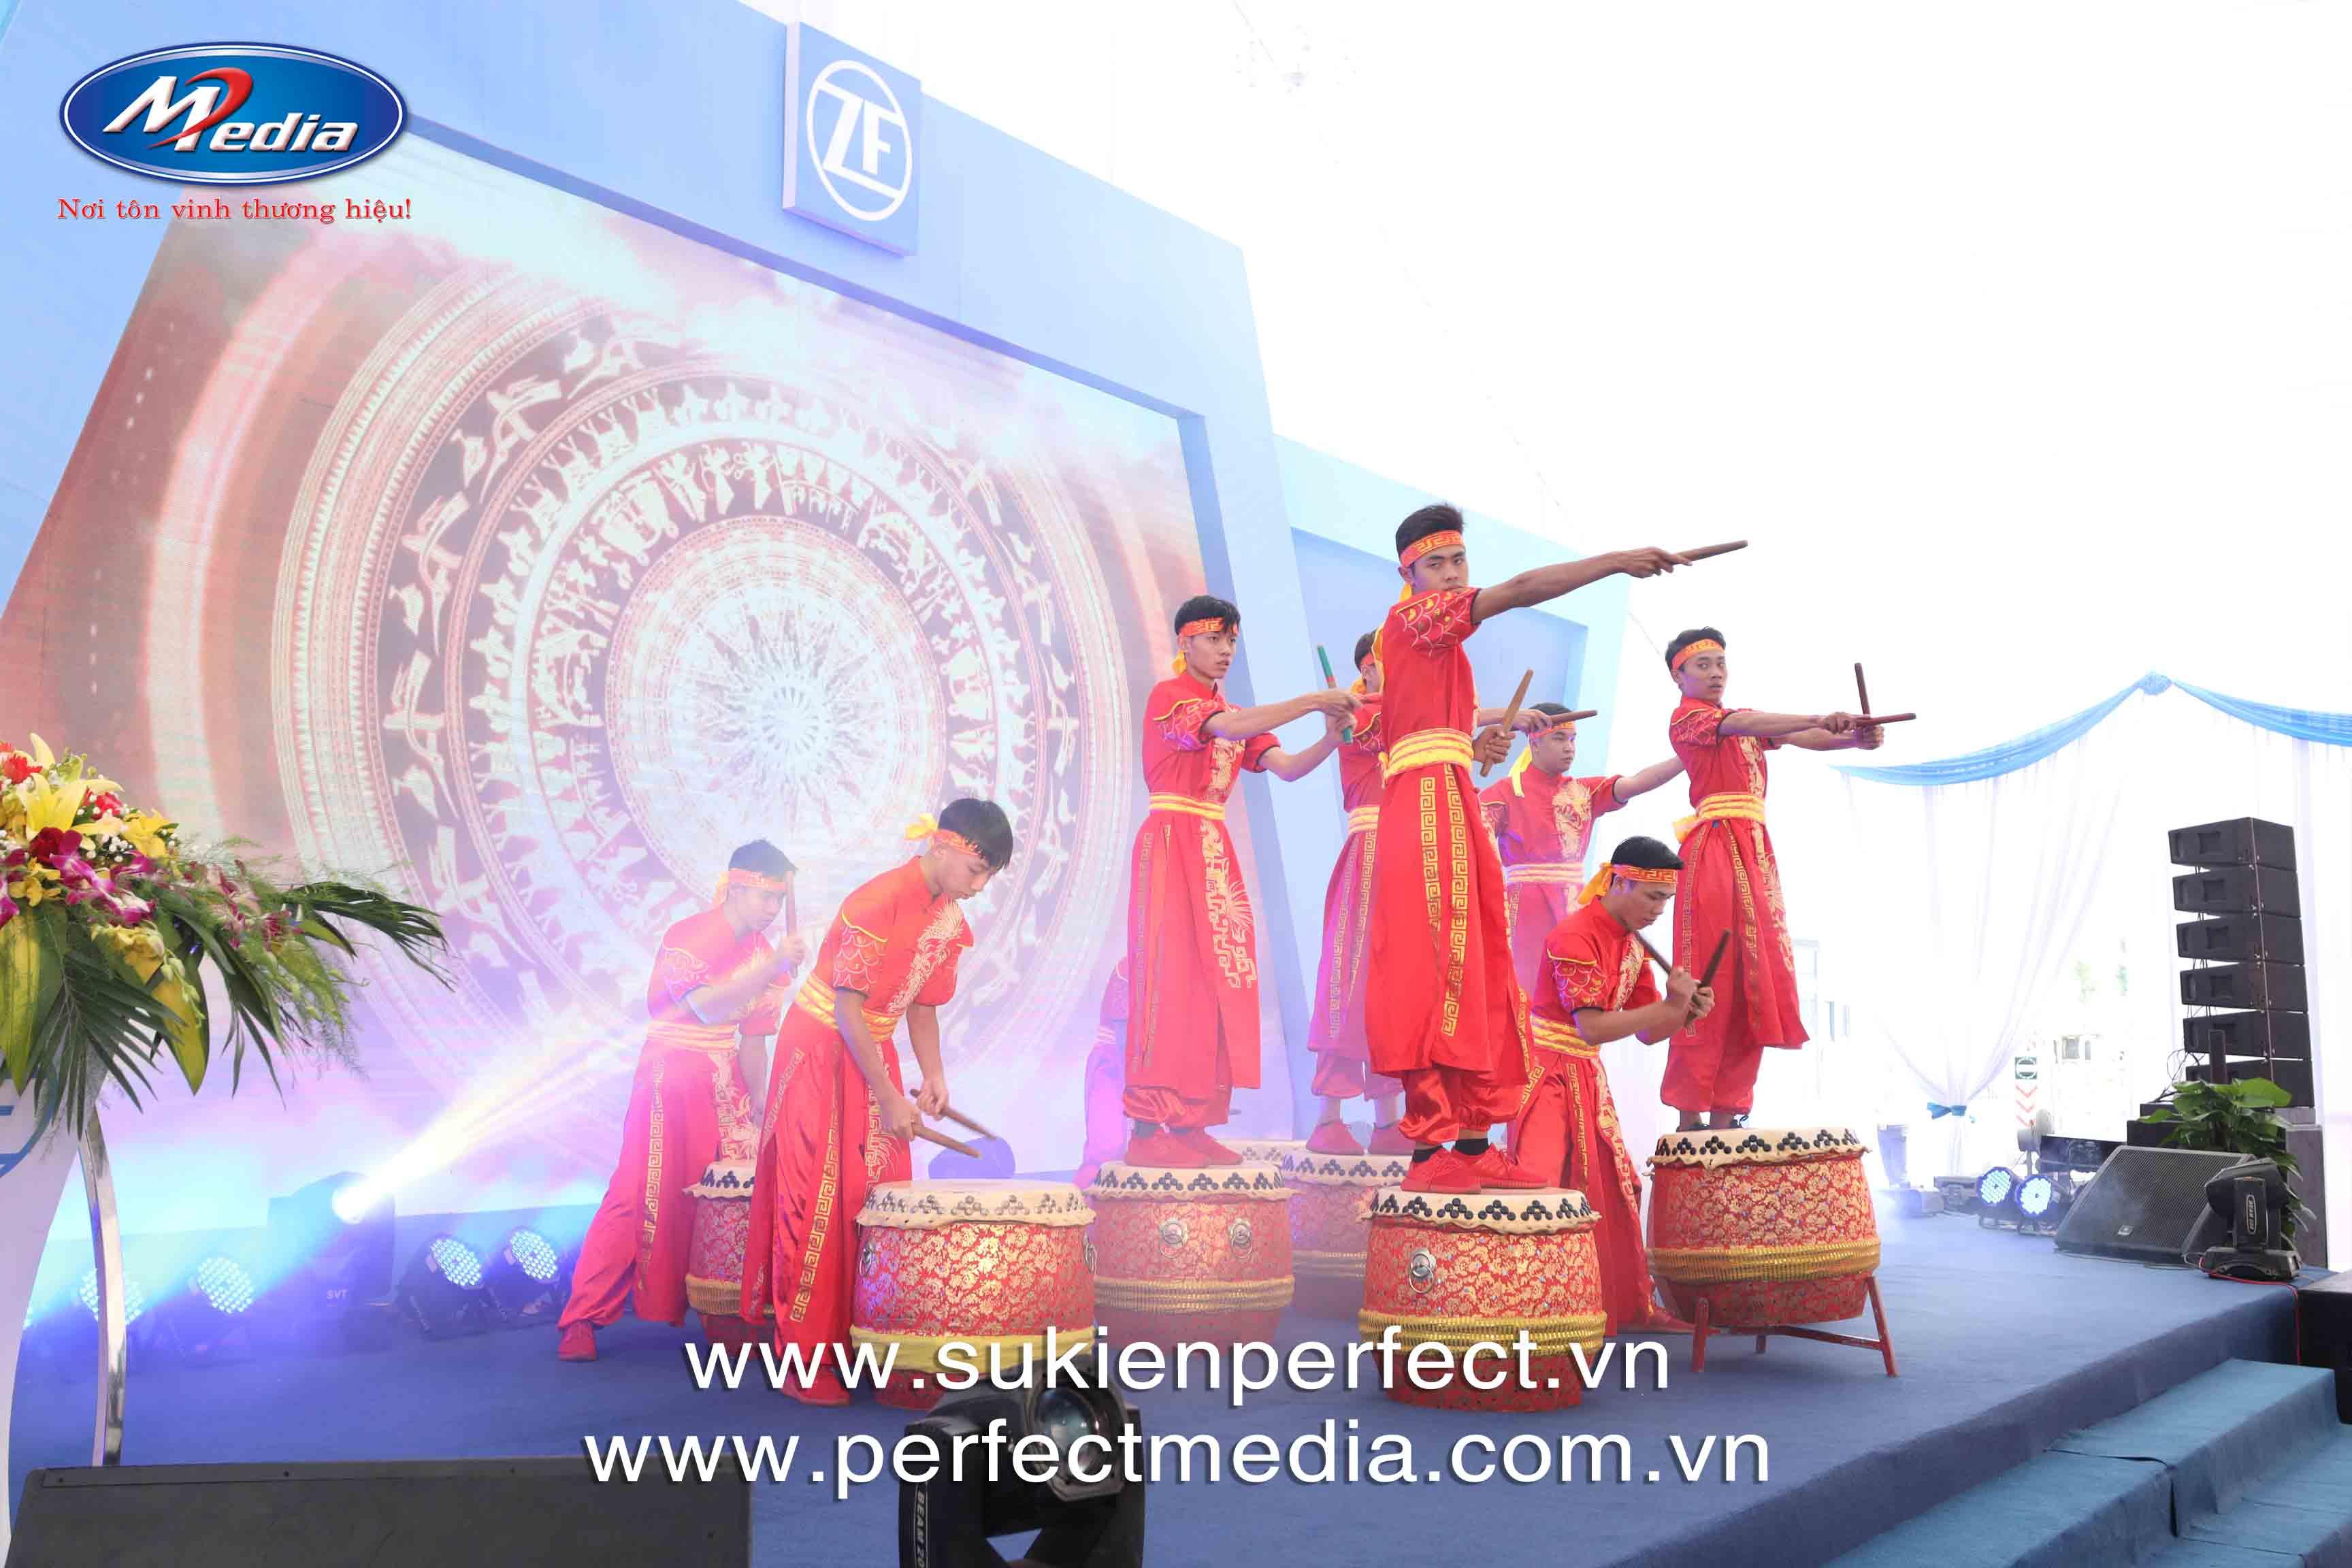 Biểu diễn trống Hội lễ khánh thành công ty ZF Automotive Việt Nam